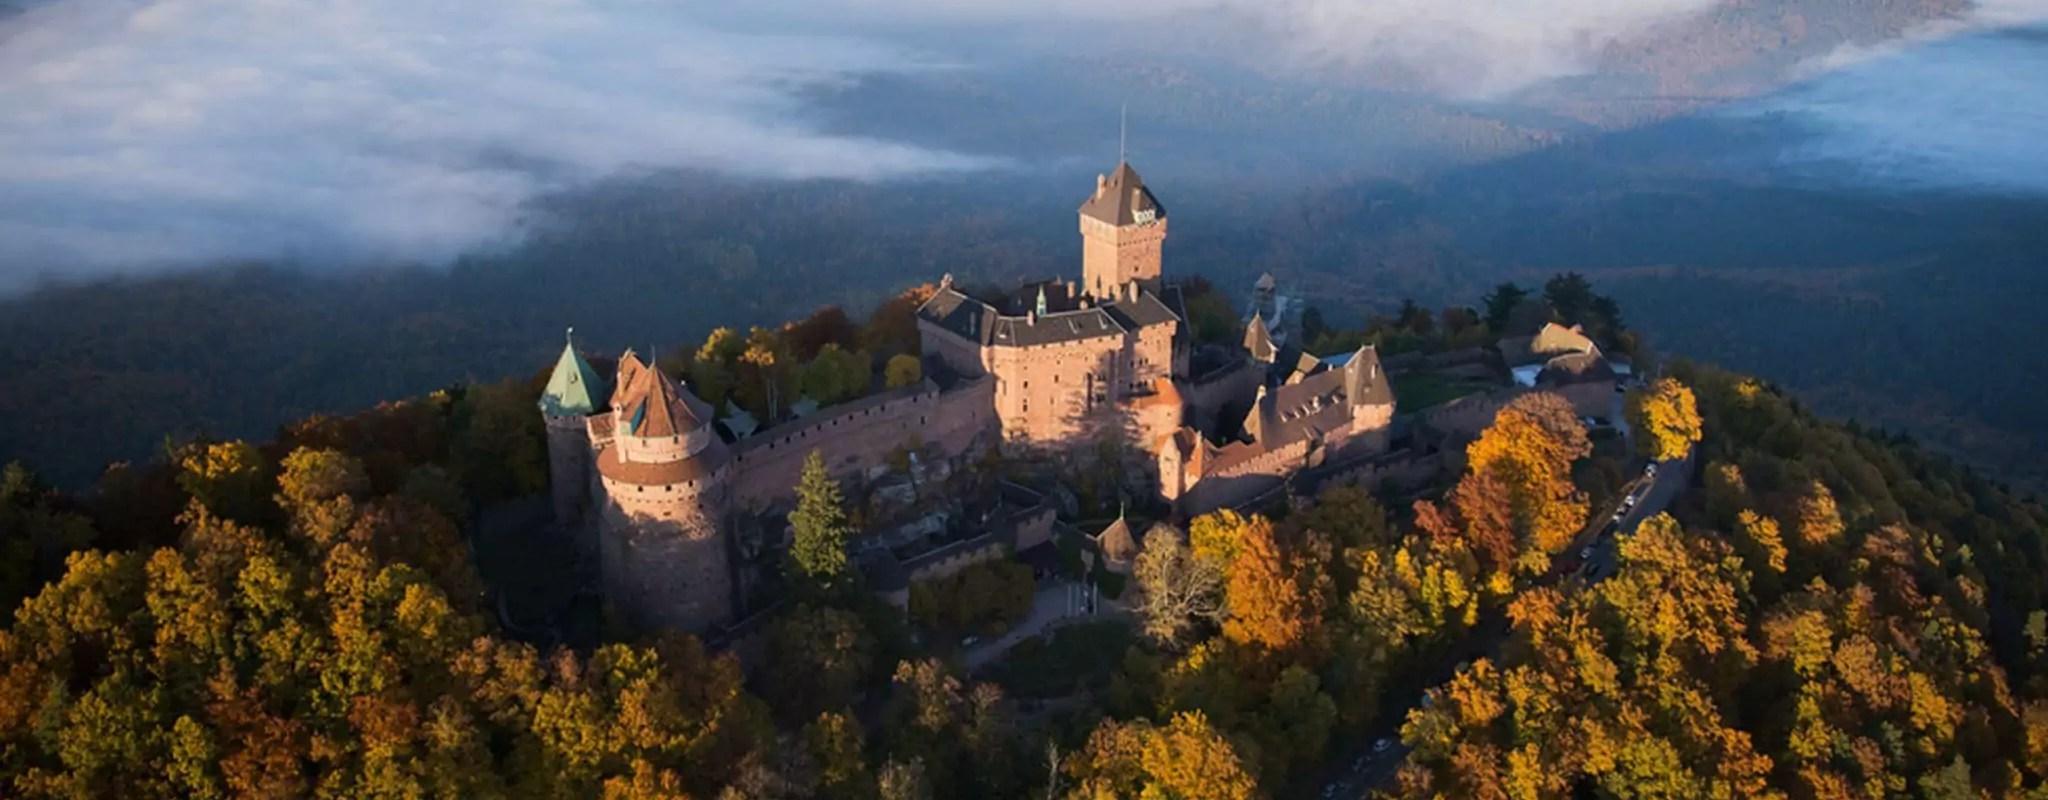 À l'assaut des châteaux forts à une heure de Strasbourg